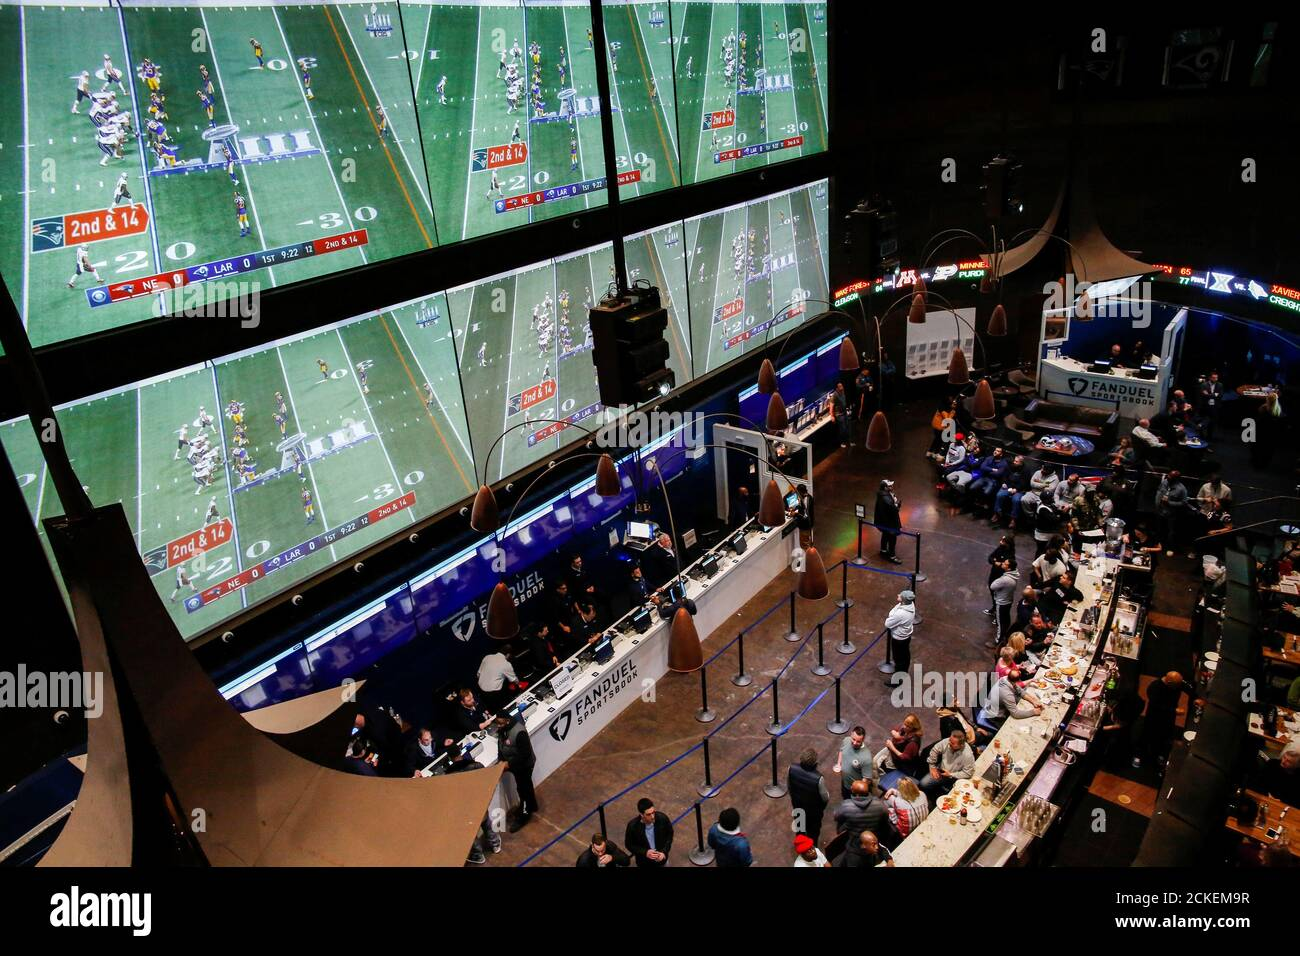 Les gens font leurs Paris au sportsbook de FANDUEL pendant le Super Bowl LIII à East Rutherford, New Jersey, États-Unis, le 3 février 2019. REUTERS/Eduardo Munoz Banque D'Images